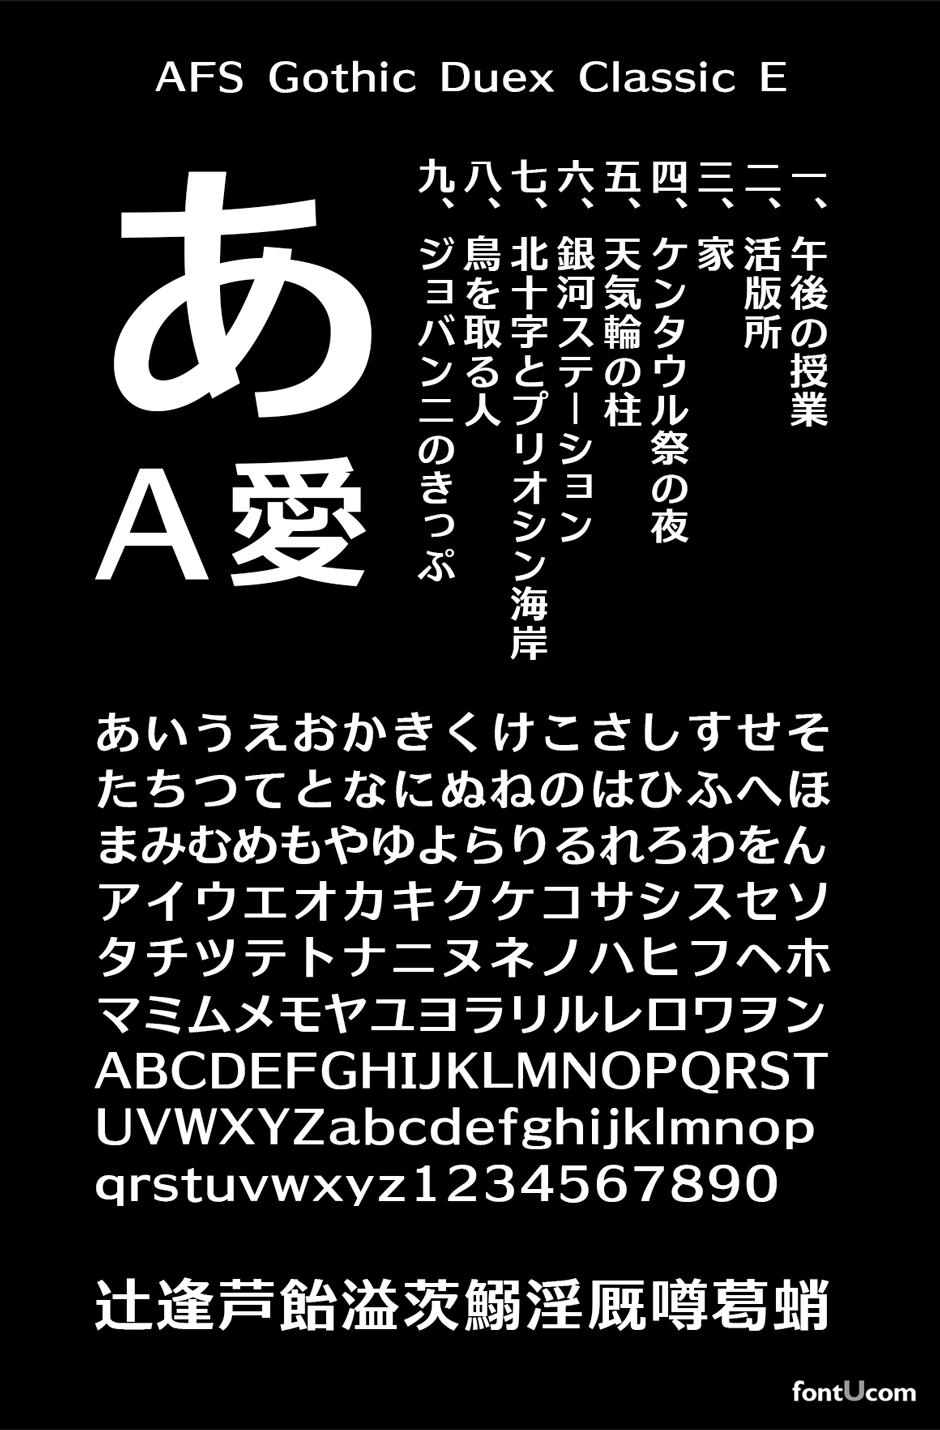 AFS GothicDuex Classic E